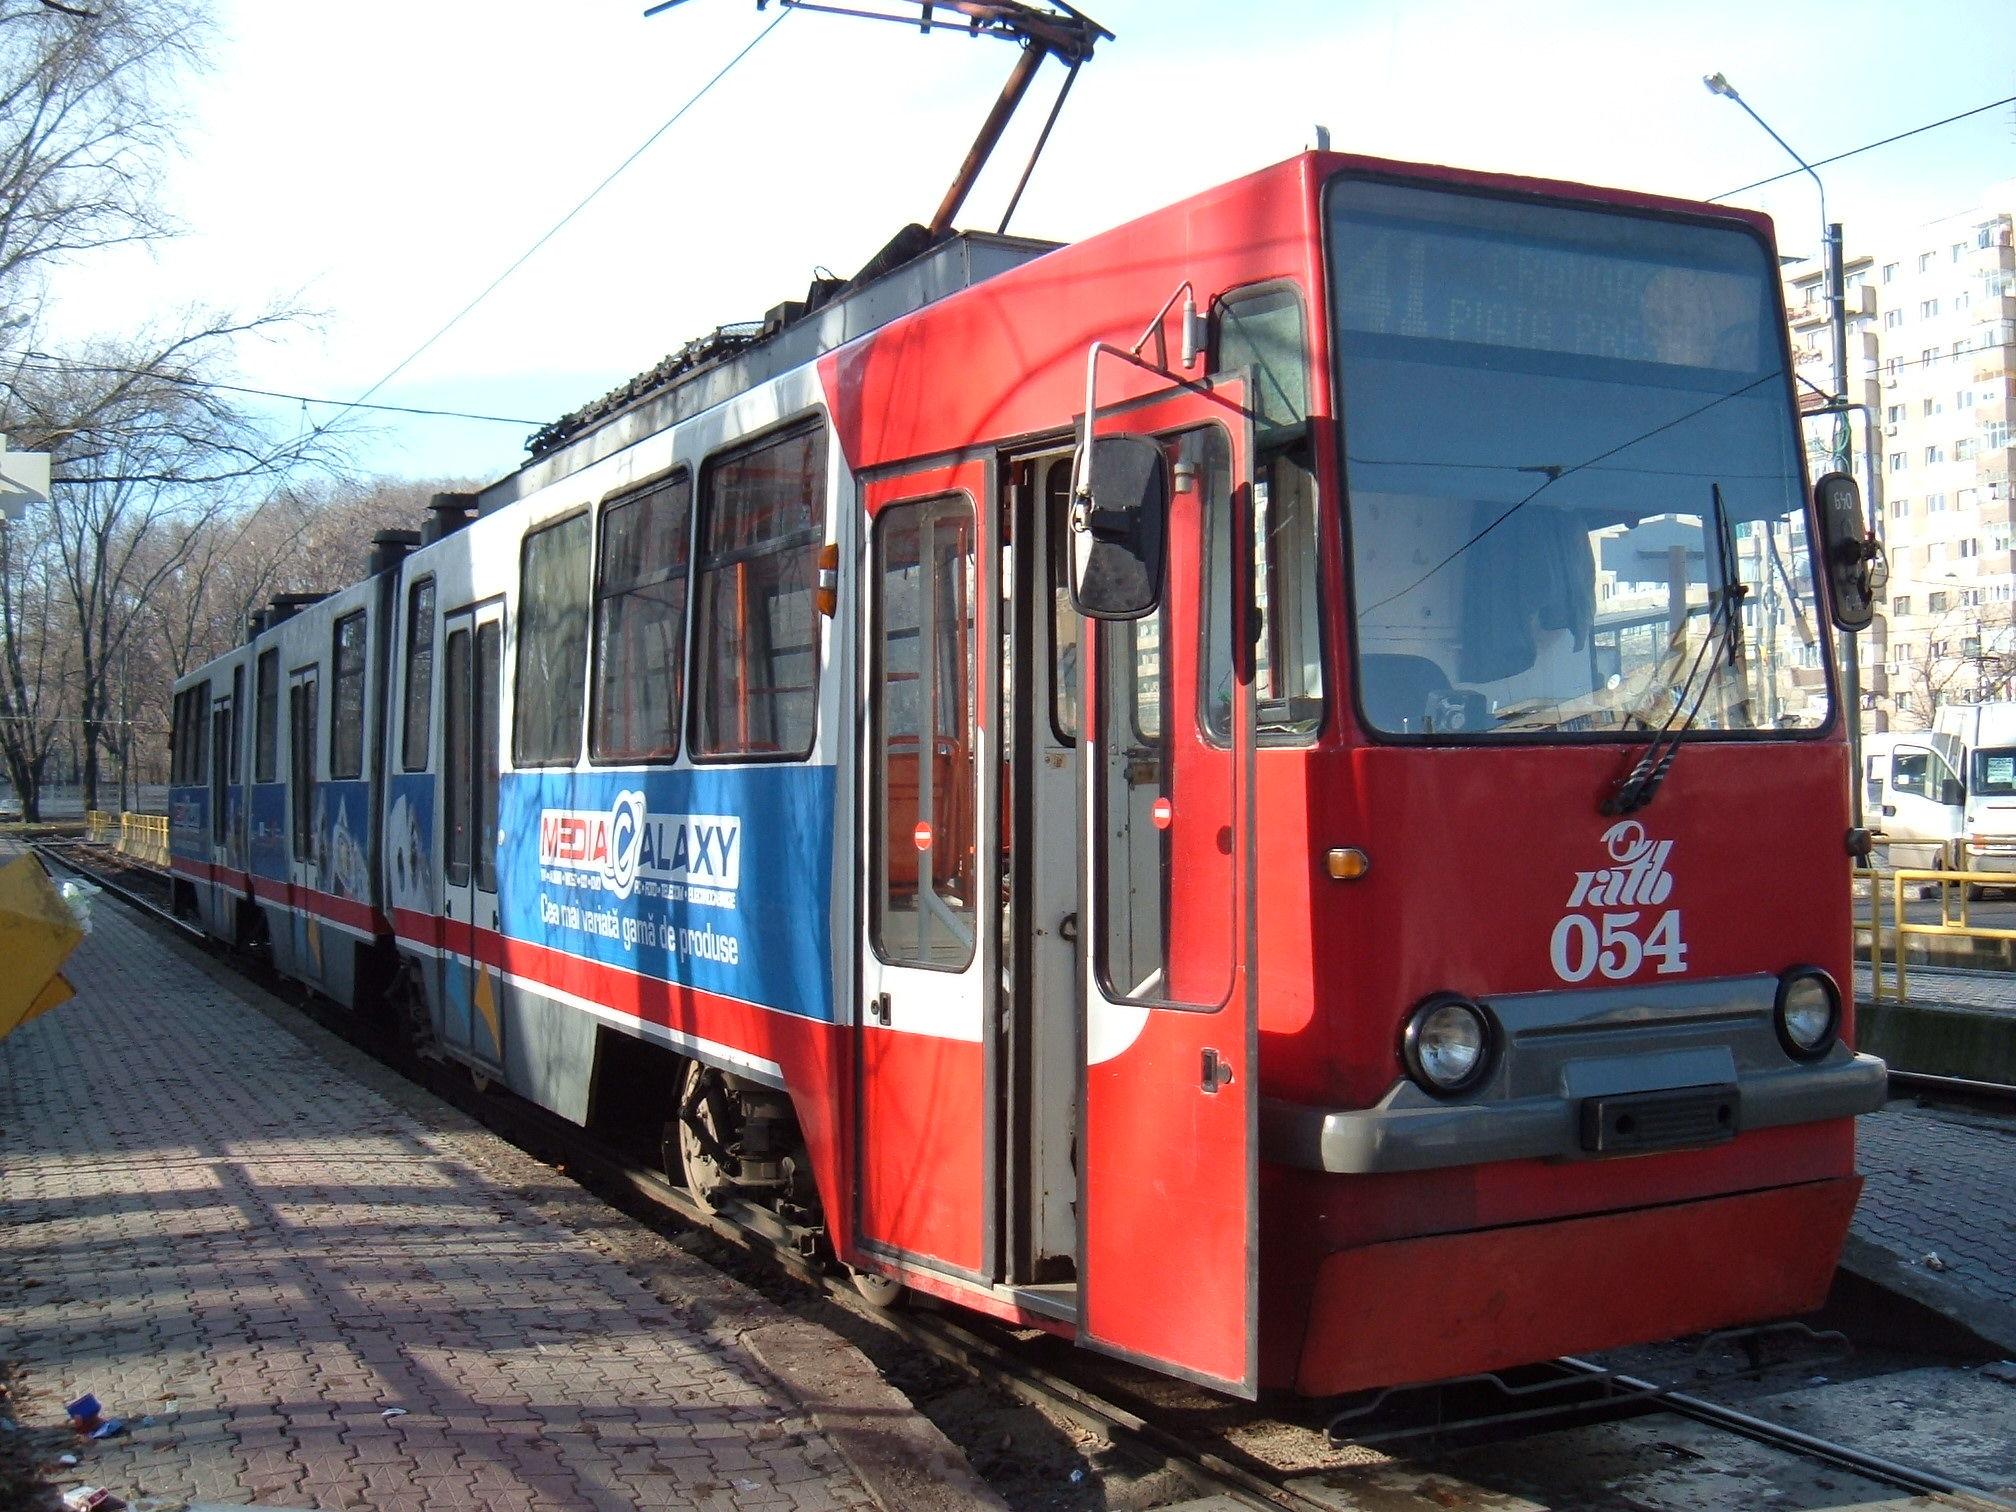 tramvai 41 Tramvaiul 41 nu circula la acest sfarsit de saptamana